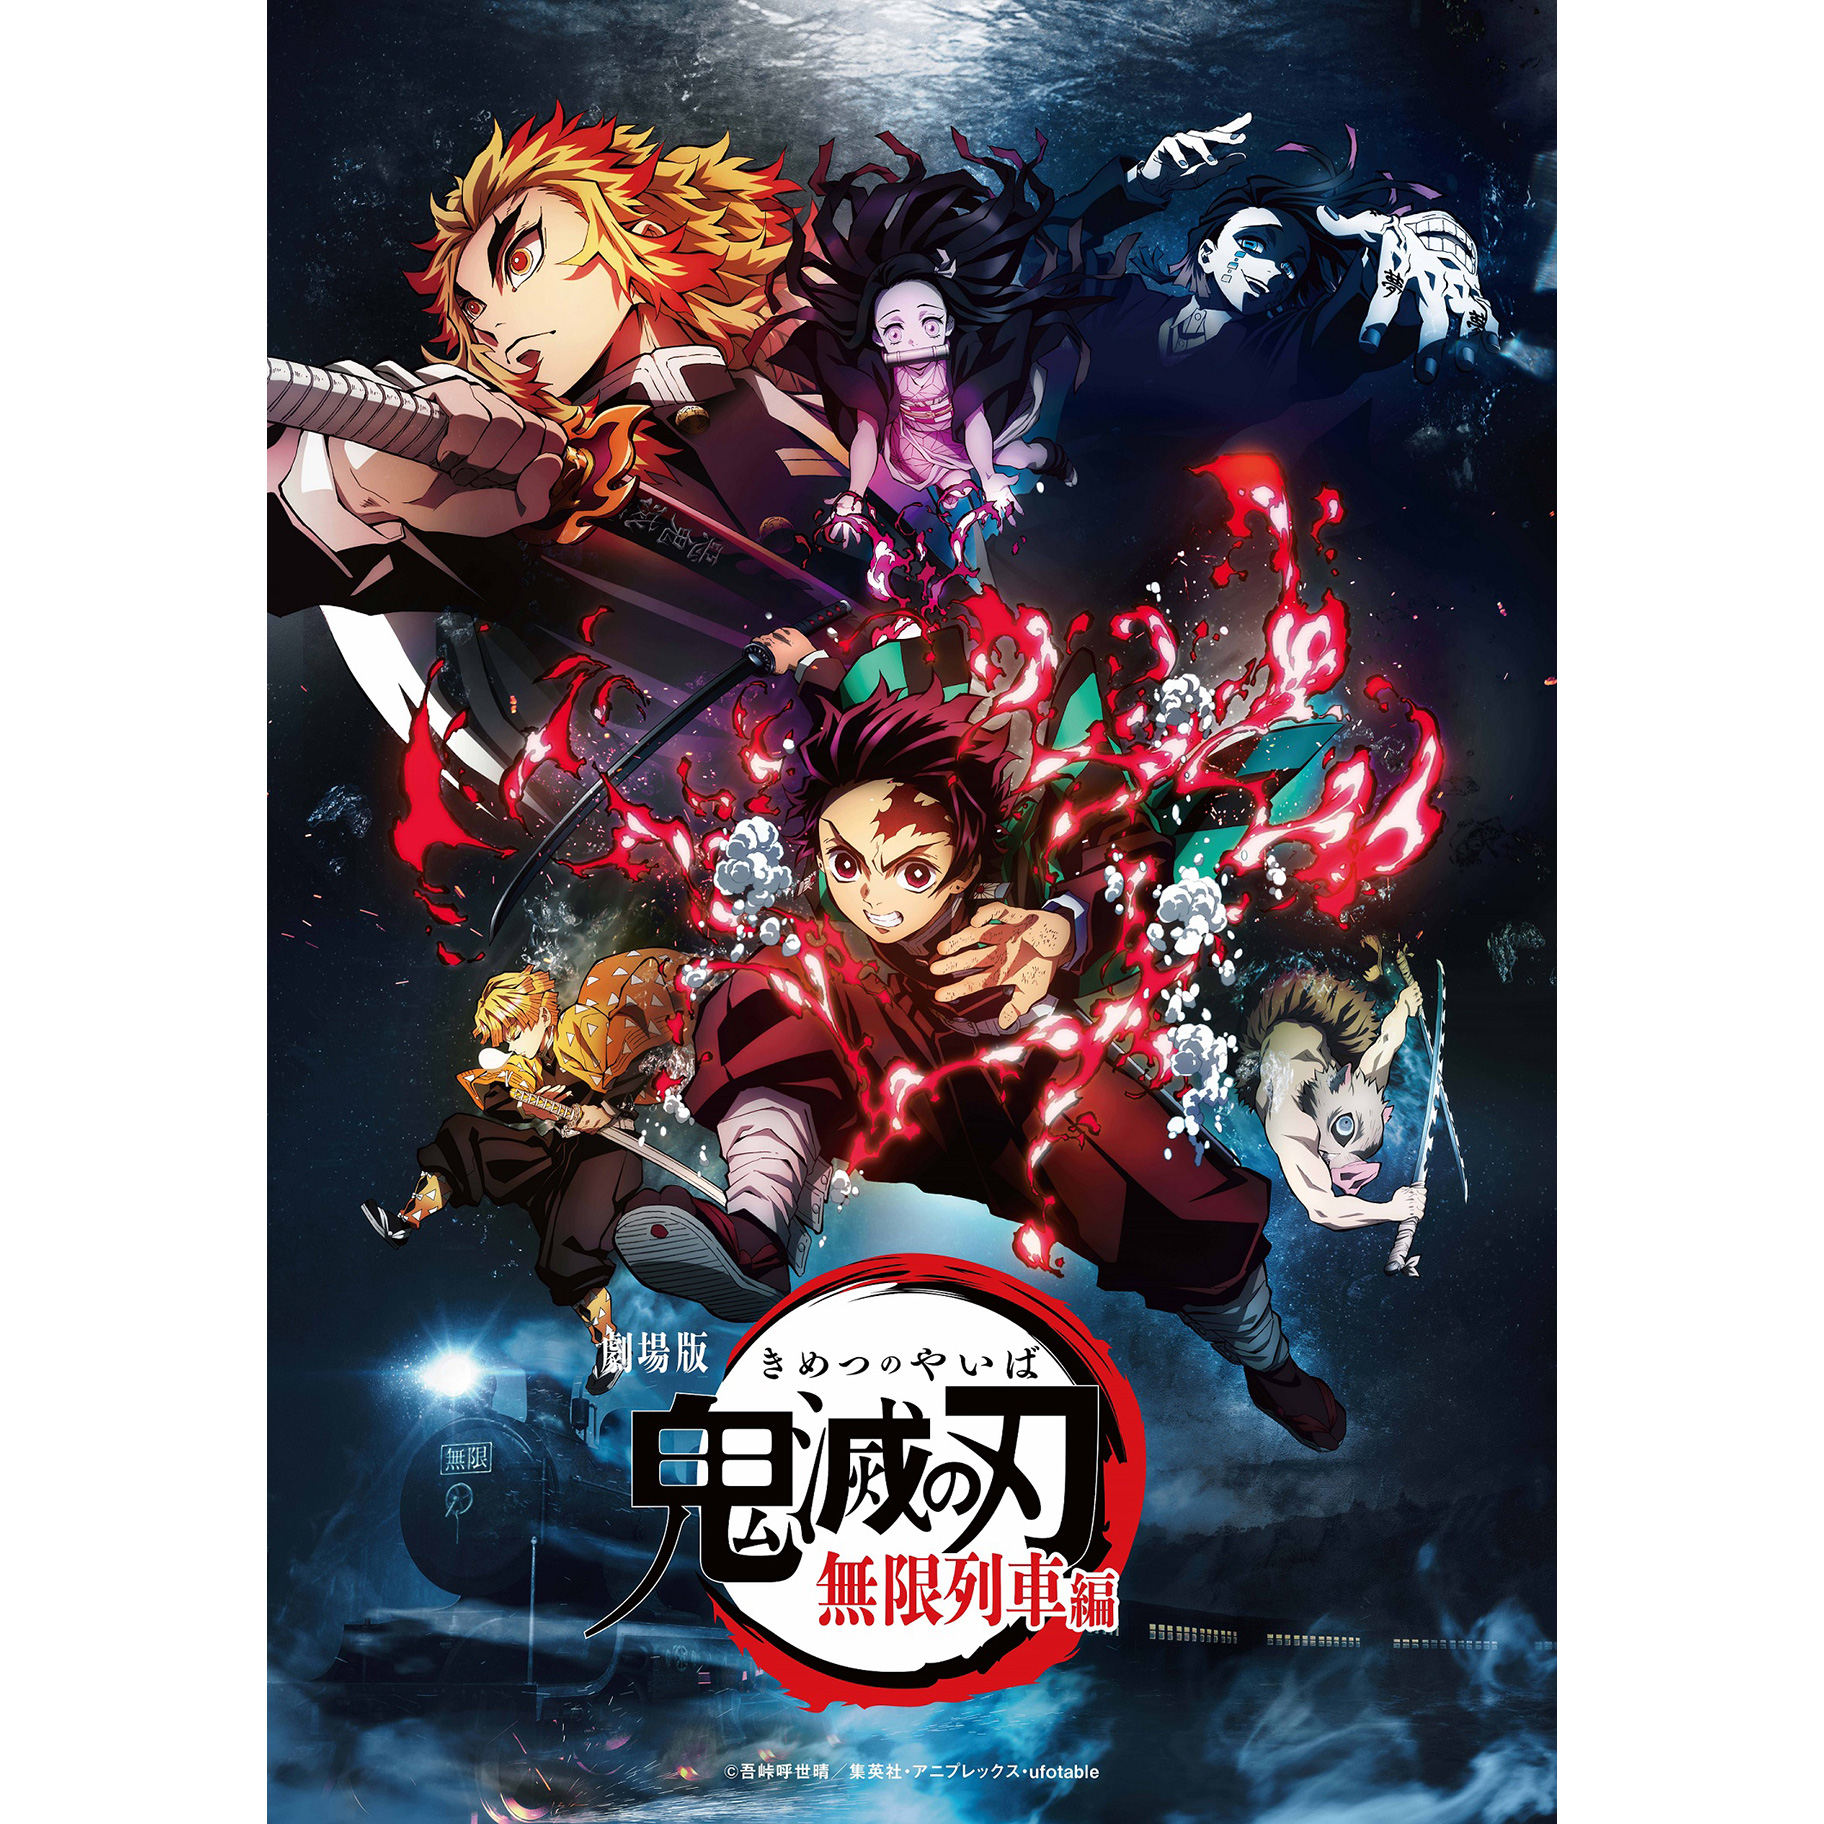 【店頭併売品】 劇場版「鬼滅の刃」無限列車編 通常版 DVD